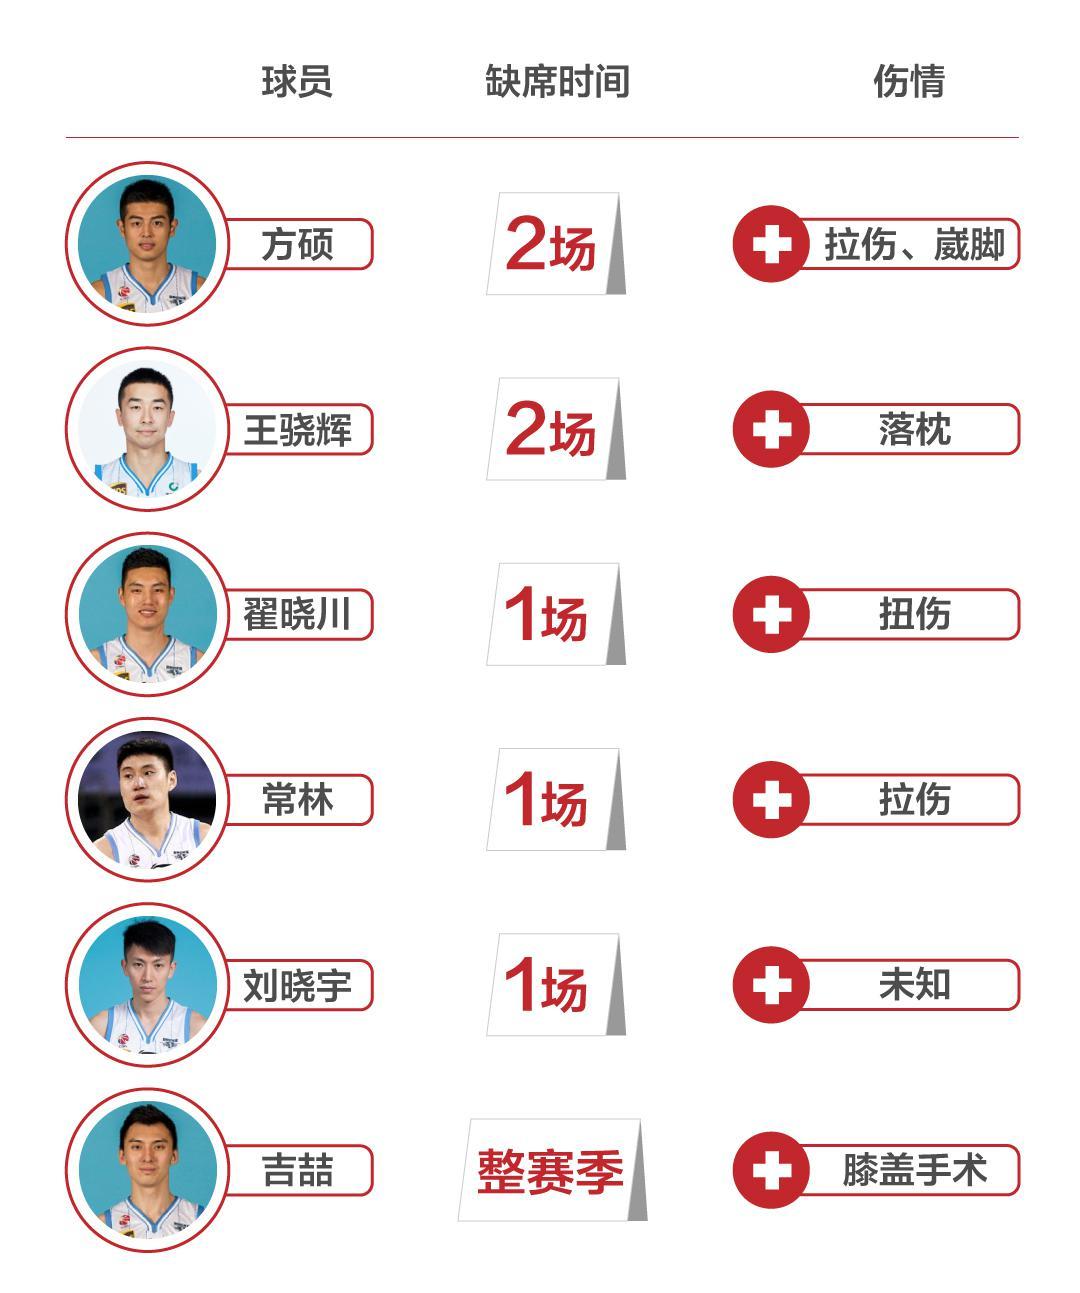 5人因伤累计缺阵7场 京媒:北京本赛季麻烦来得更早